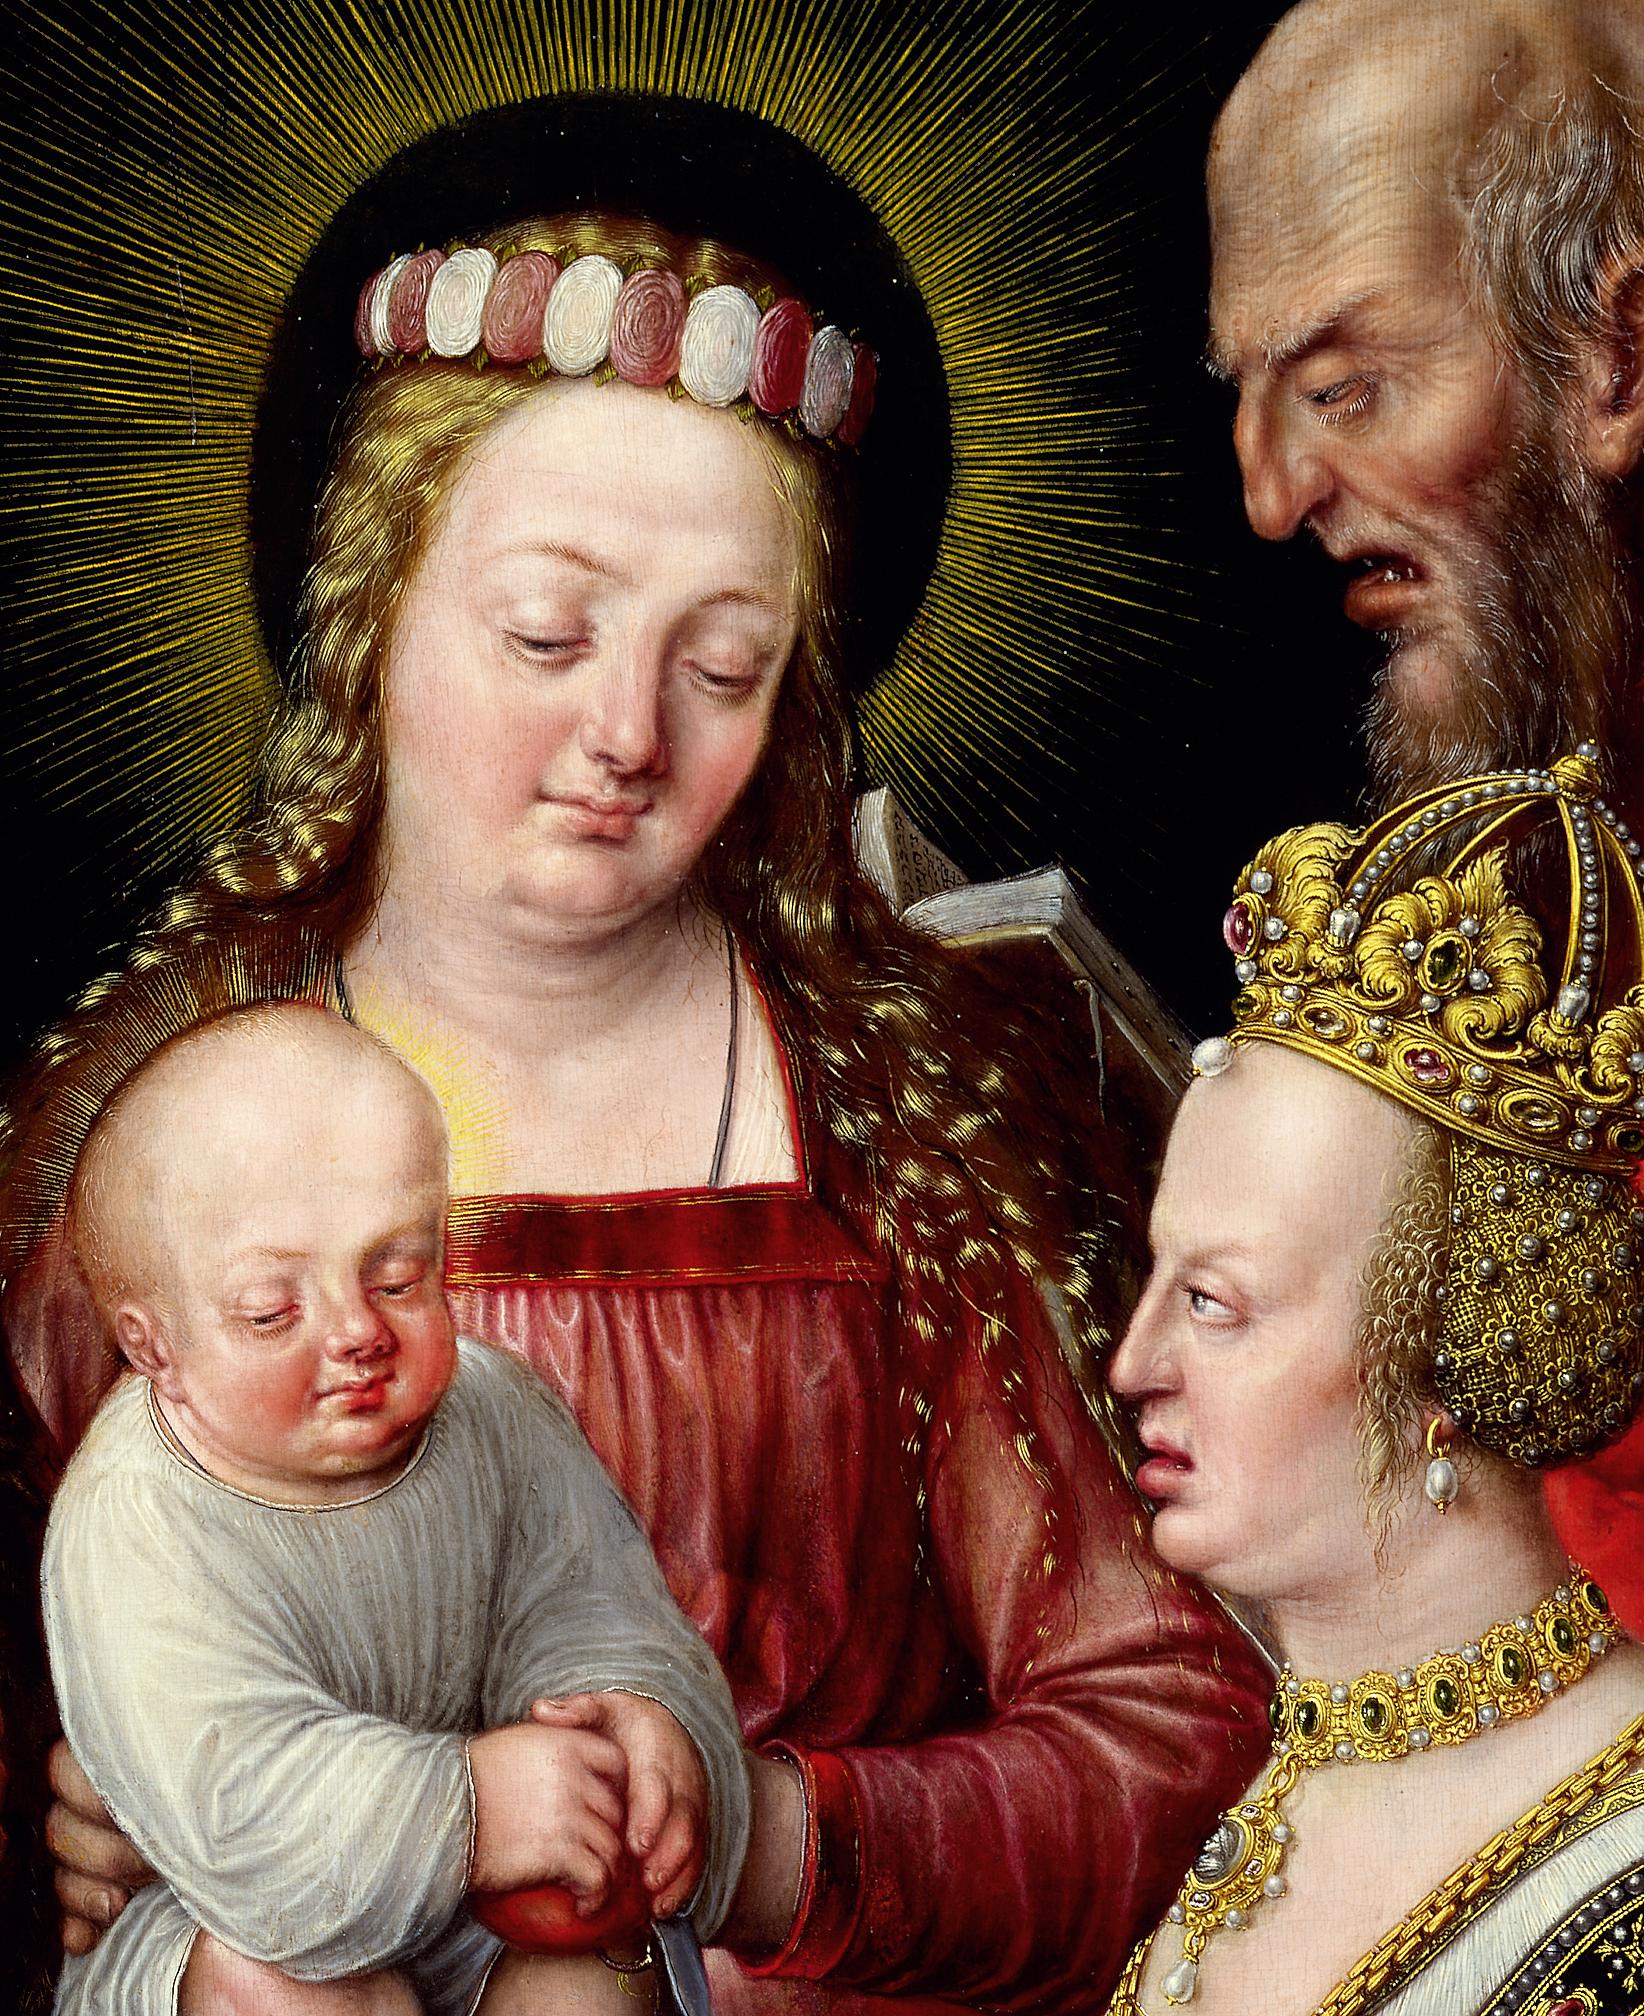 D.Froeschl Maria mit Kind Ausschnitt Wien Karlskirche.jpg